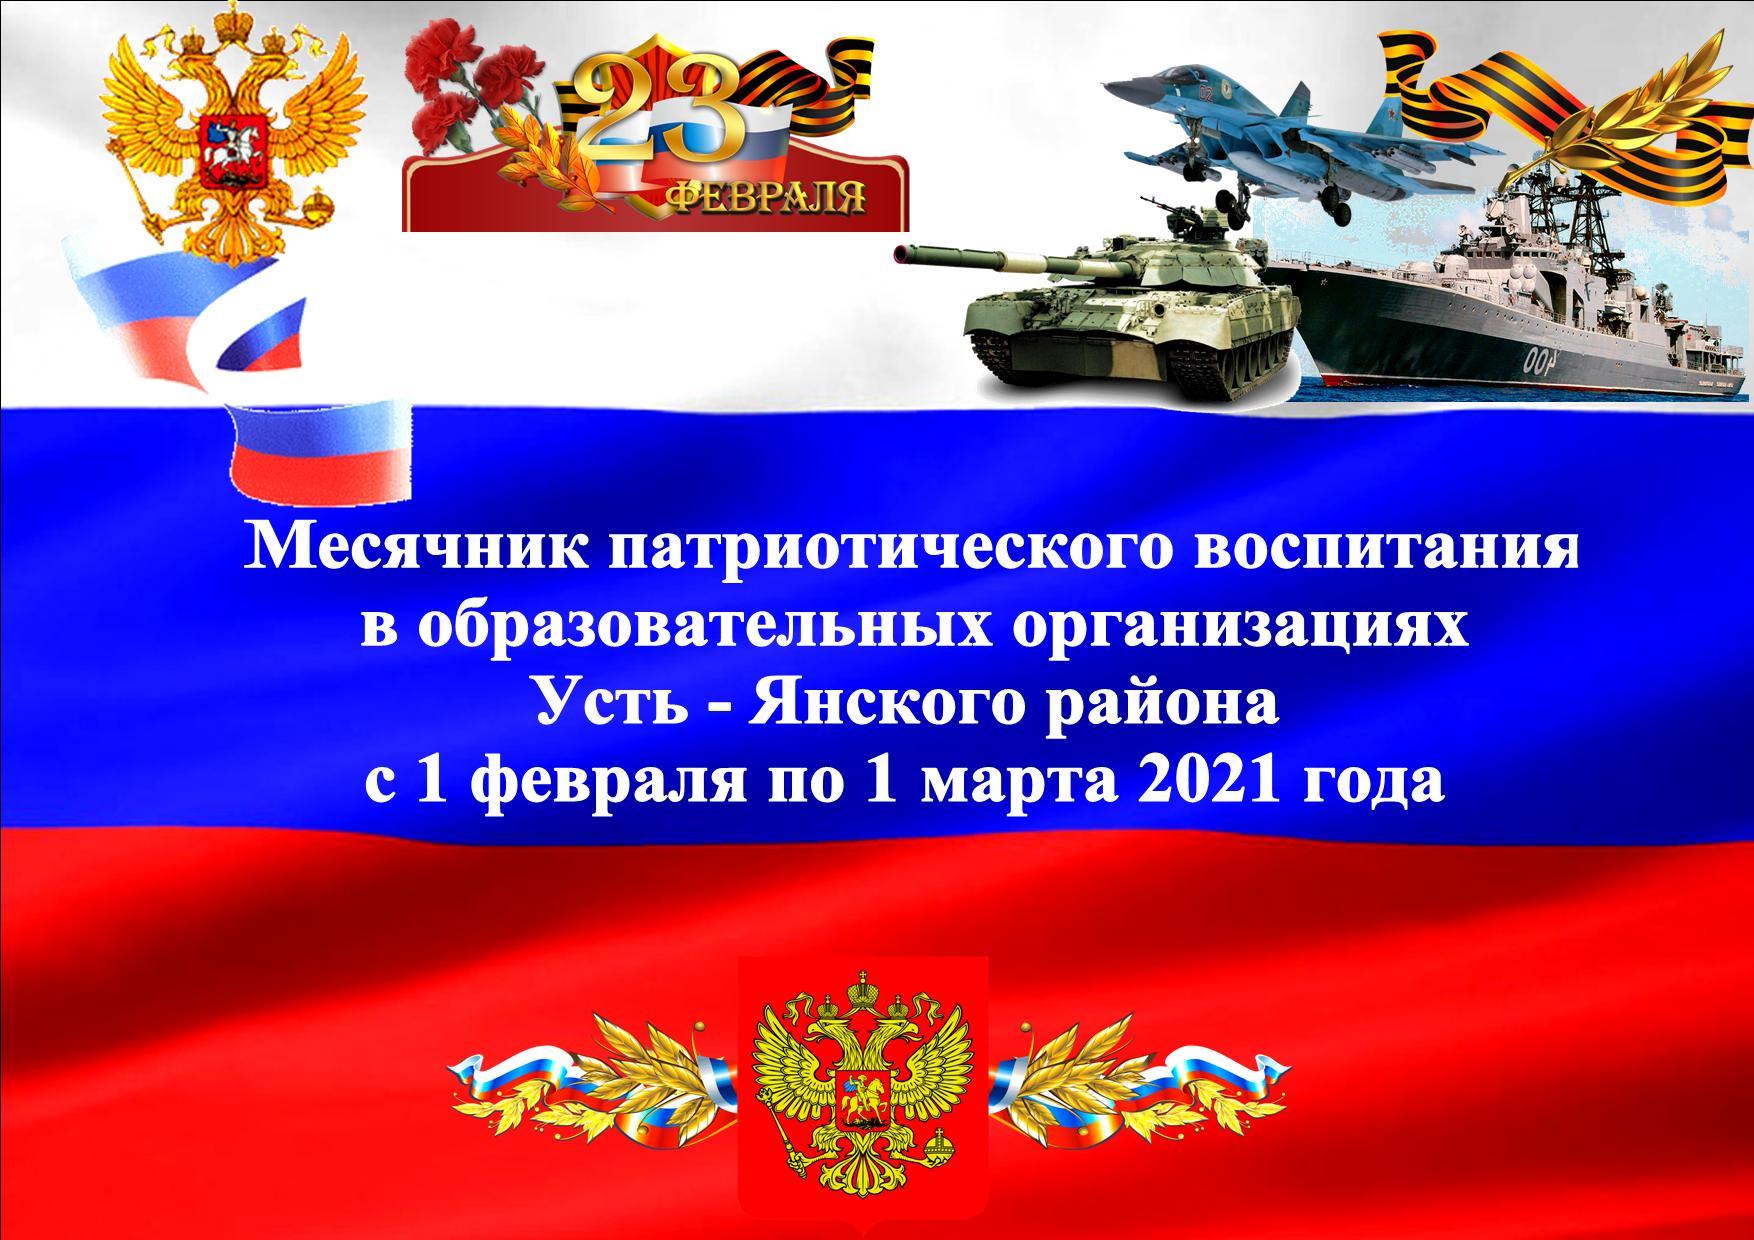 Месячник патриотического воспитания в образовательных организациях Усть-Янского района с 1 февраля по 1 марта